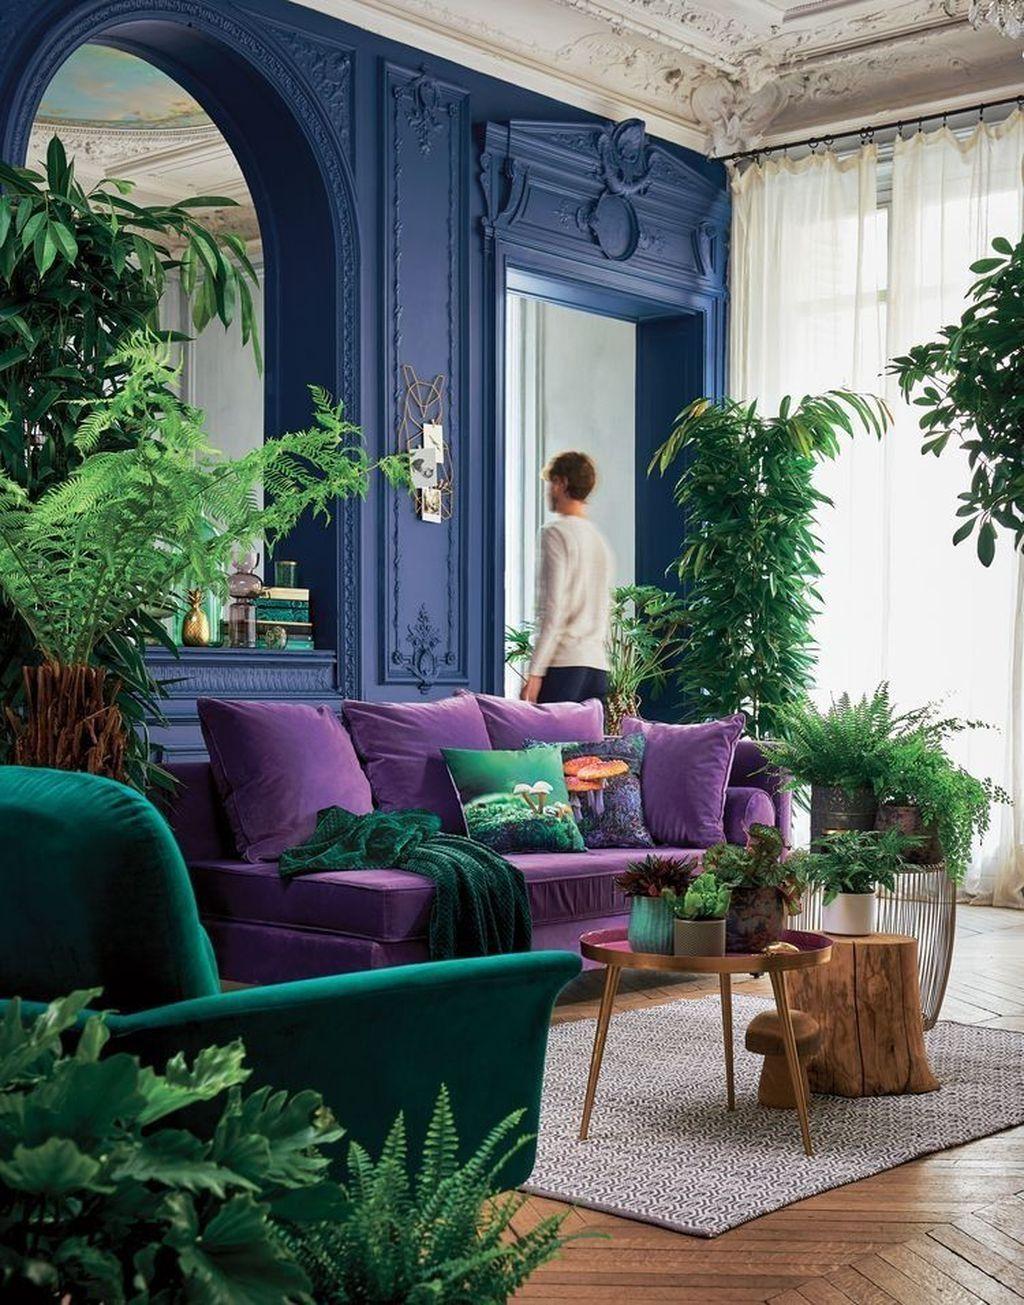 40 Vintage Blue Living Room Design Ideas You Must Have House Interior Living Room Decor Blue Living Room #purple #and #blue #living #room #ideas